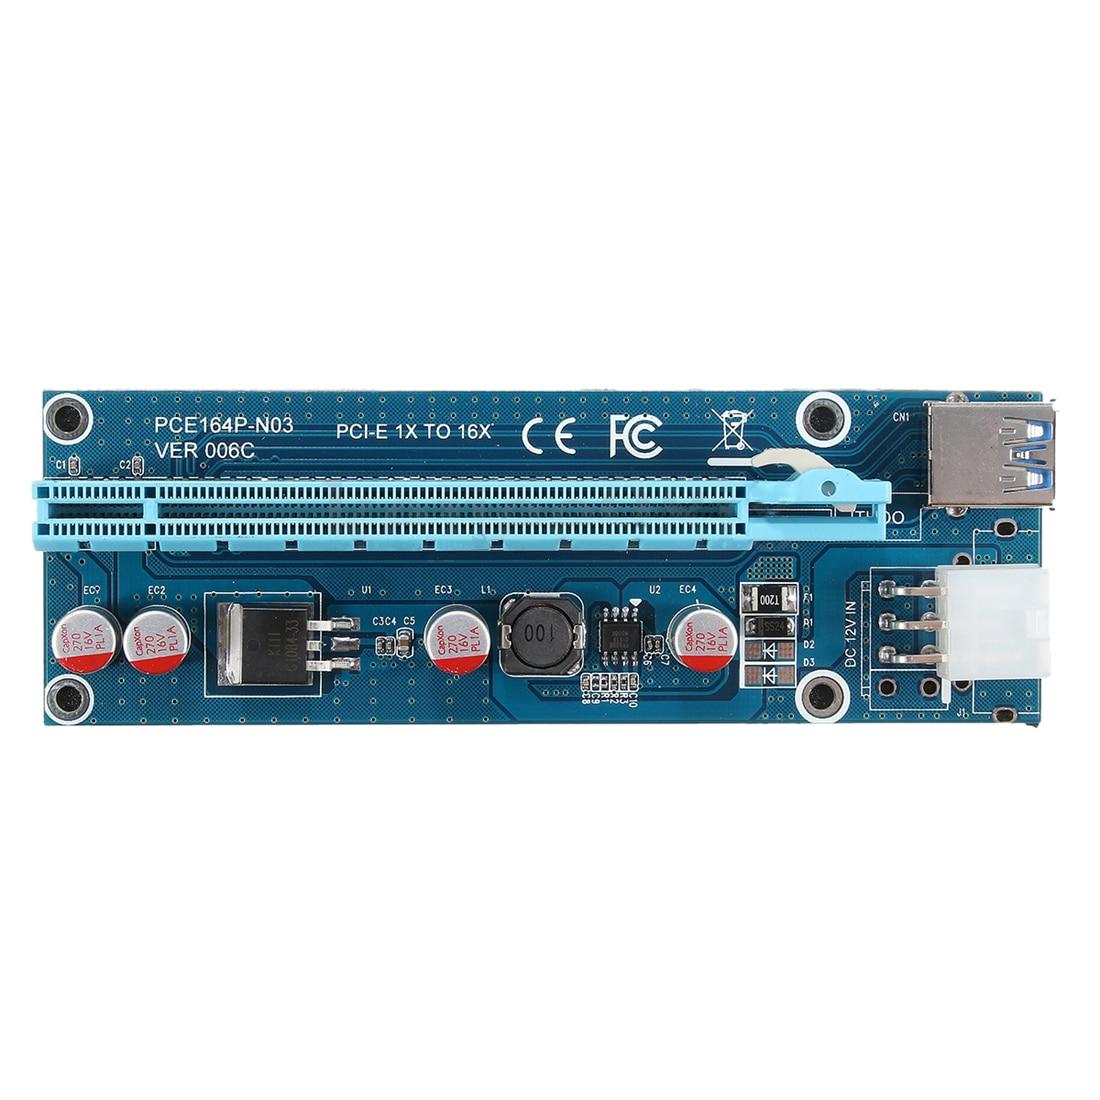 5 Stücke USB3.0 PCI-E Express 1x Zu 16x Extender Riser-karten-adapter SATA 15Pin-4Pin Kabel Blau